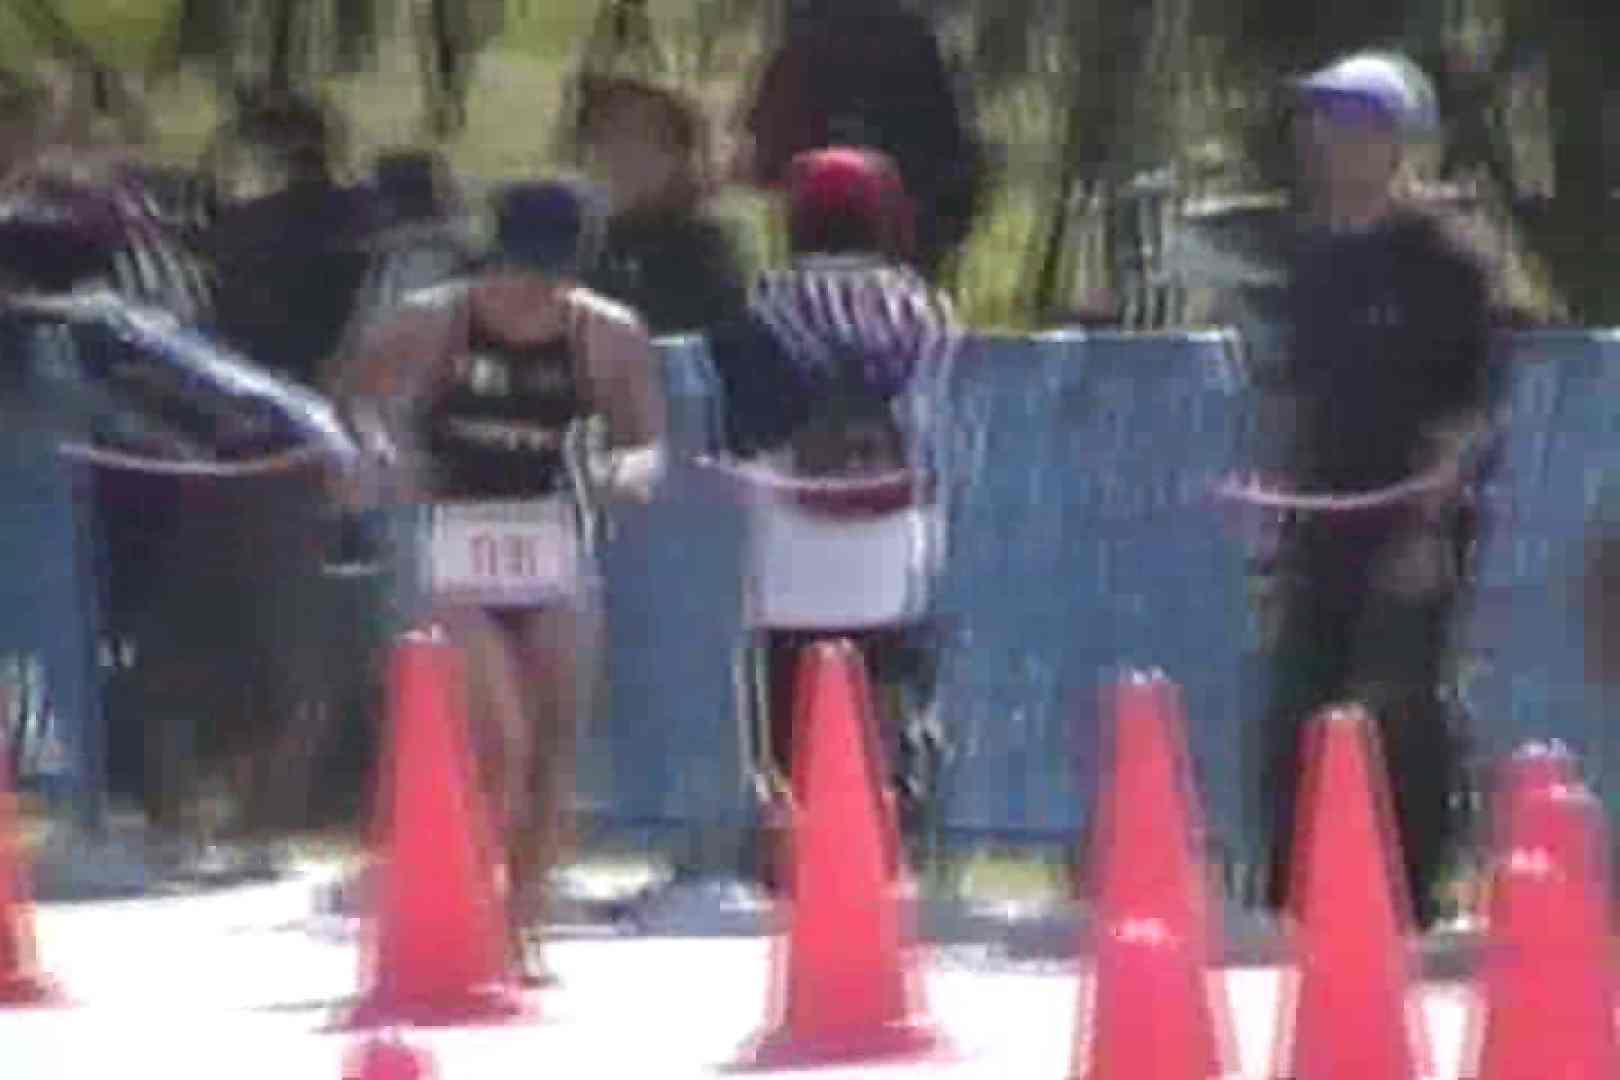 鉄人レース!!トライアスロンに挑む女性達!!Vol.8 美女OL  95連発 8